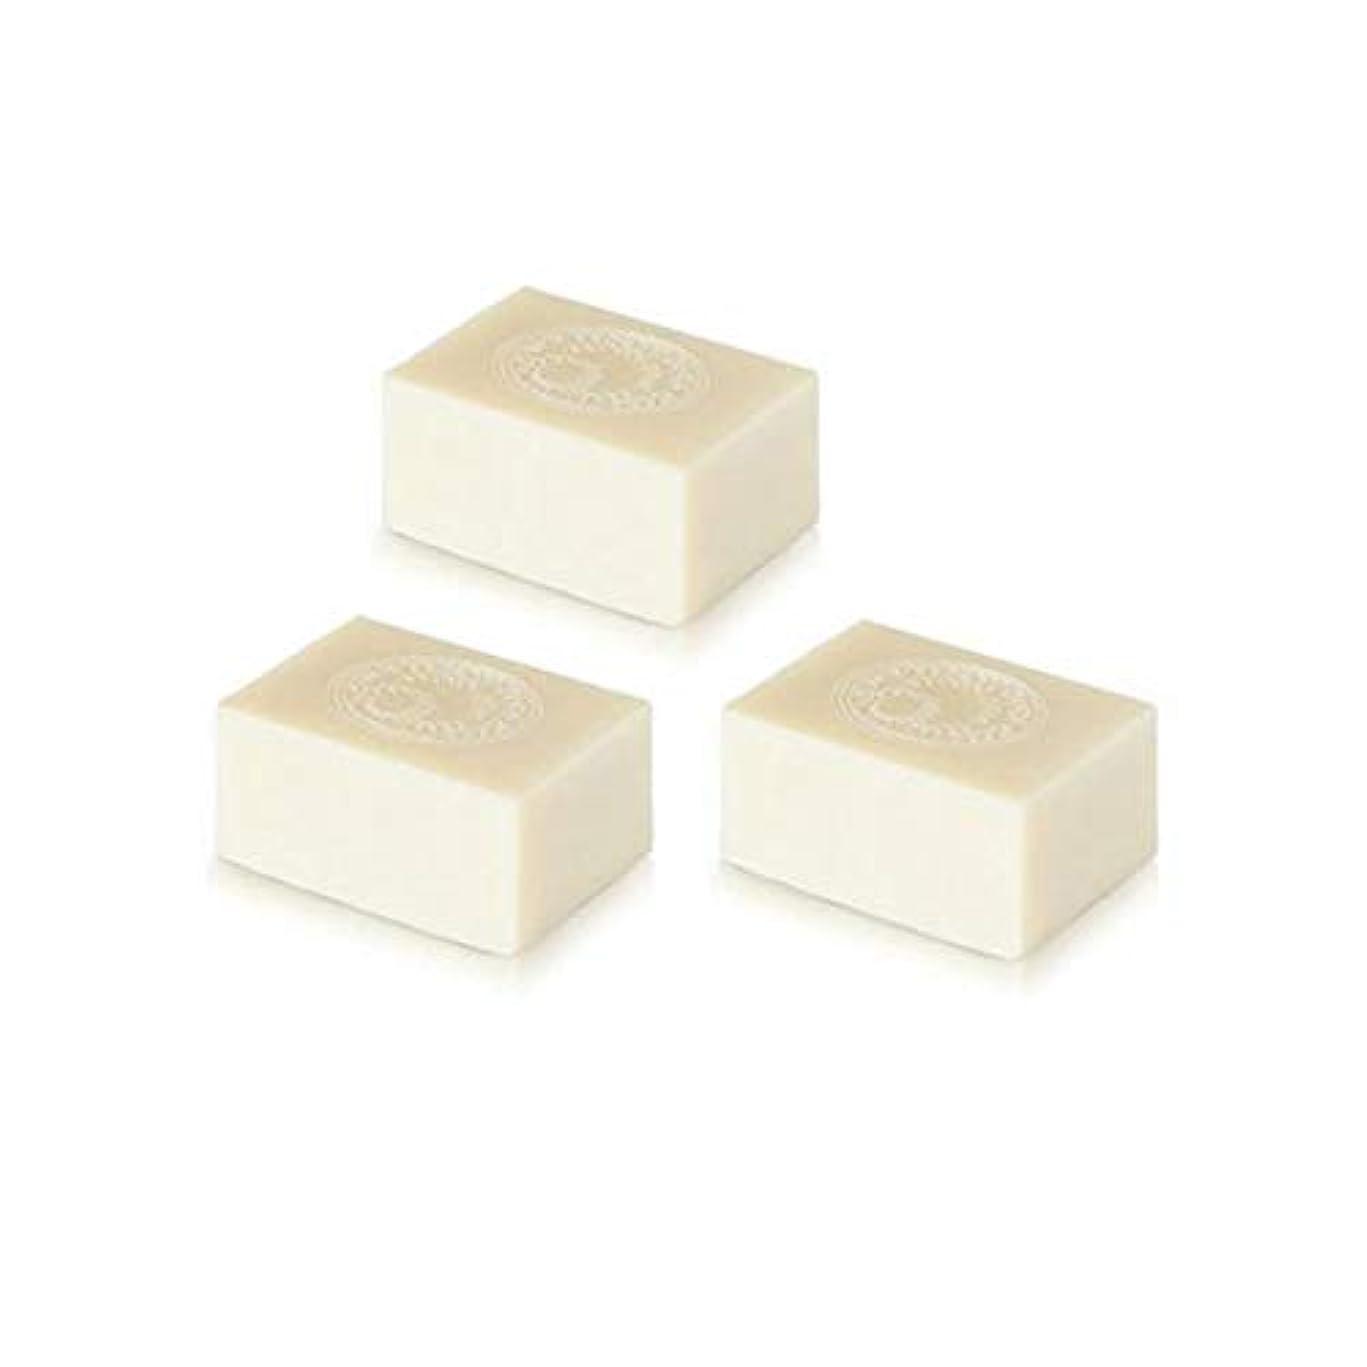 の面では装置改修するアルガン石鹸3個セット( 145g ×3個) アルガンオイルの完全無添加石鹸